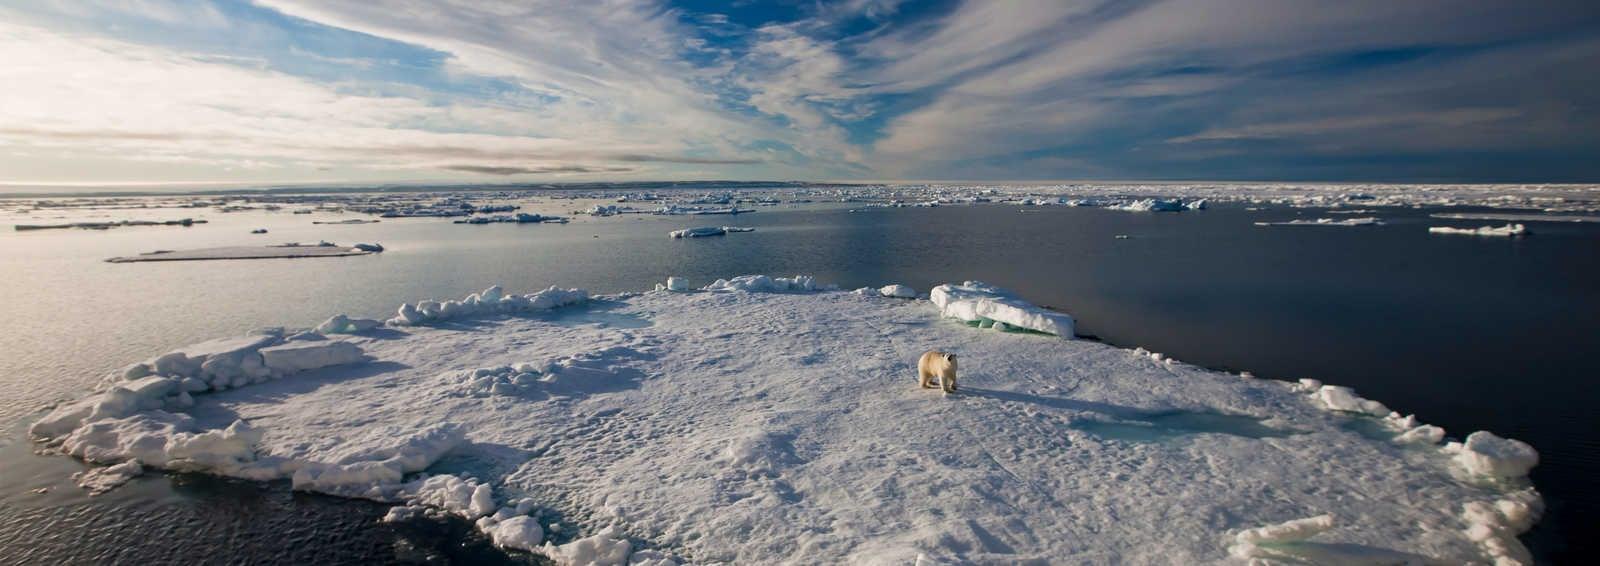 Polar bear on ice, Arctic